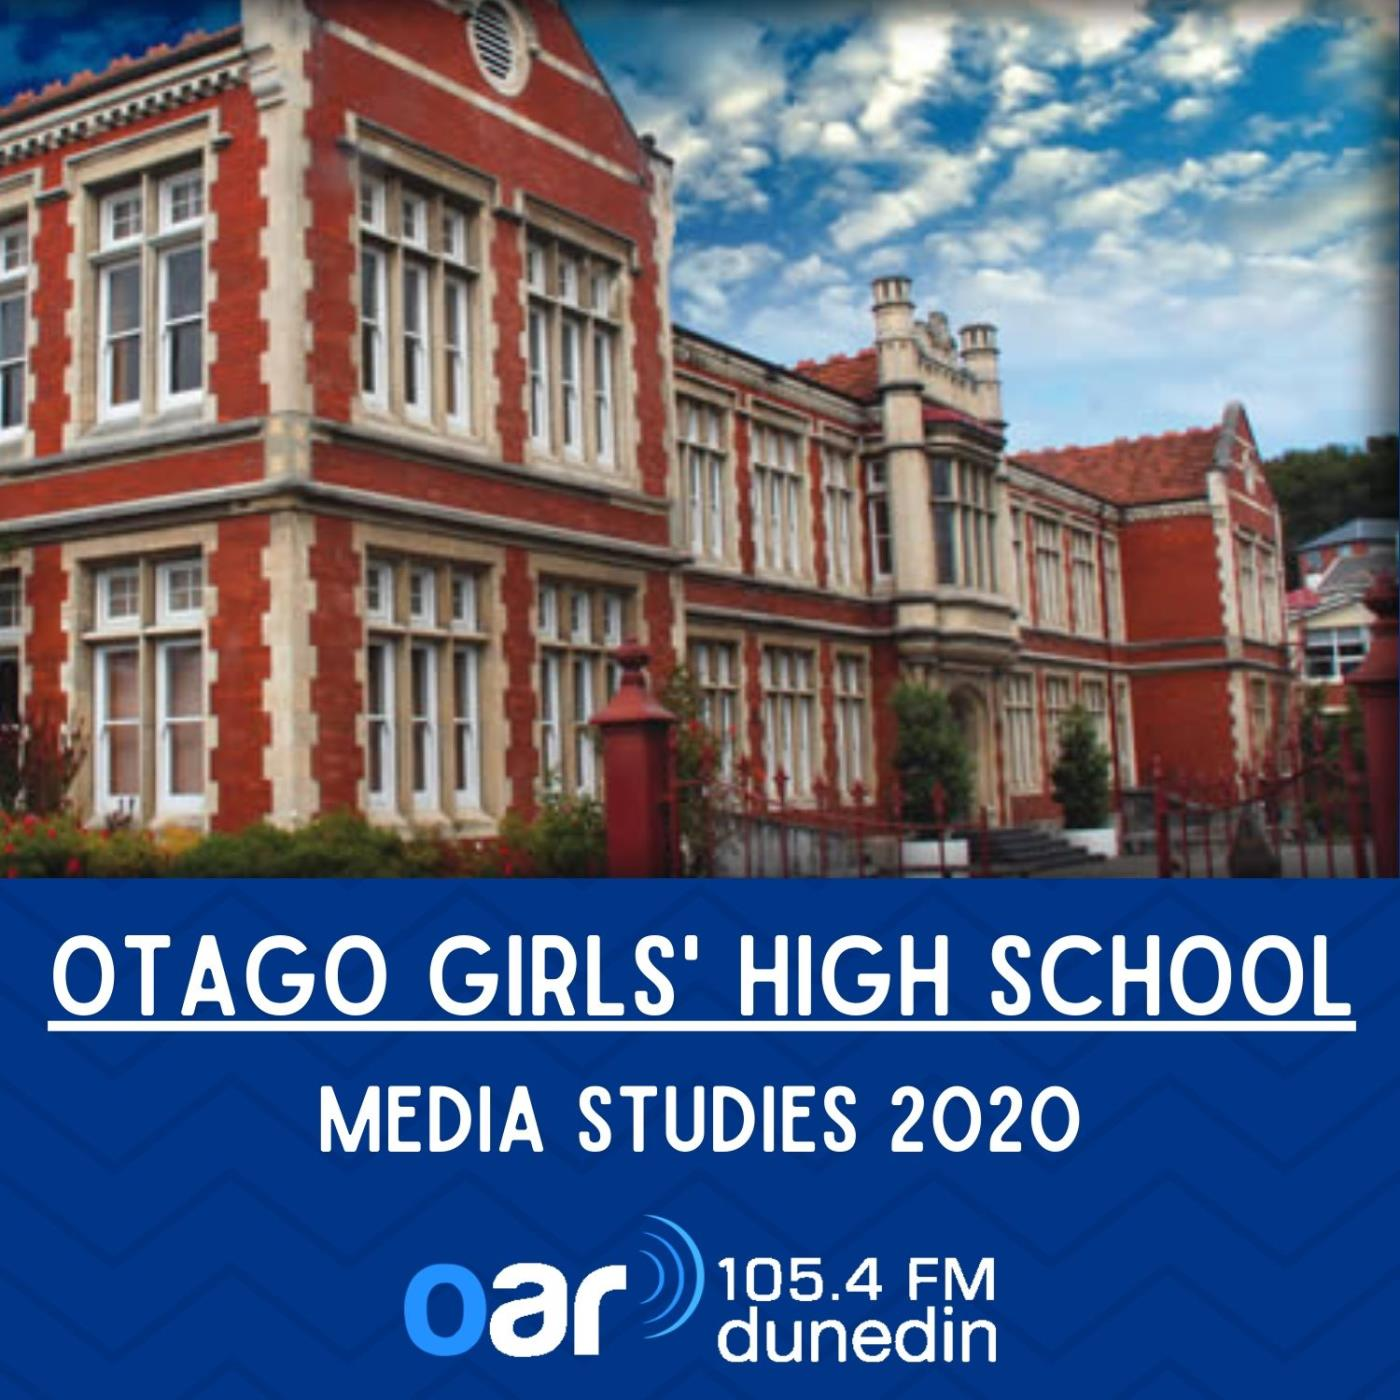 Otago Girls' High School Shows